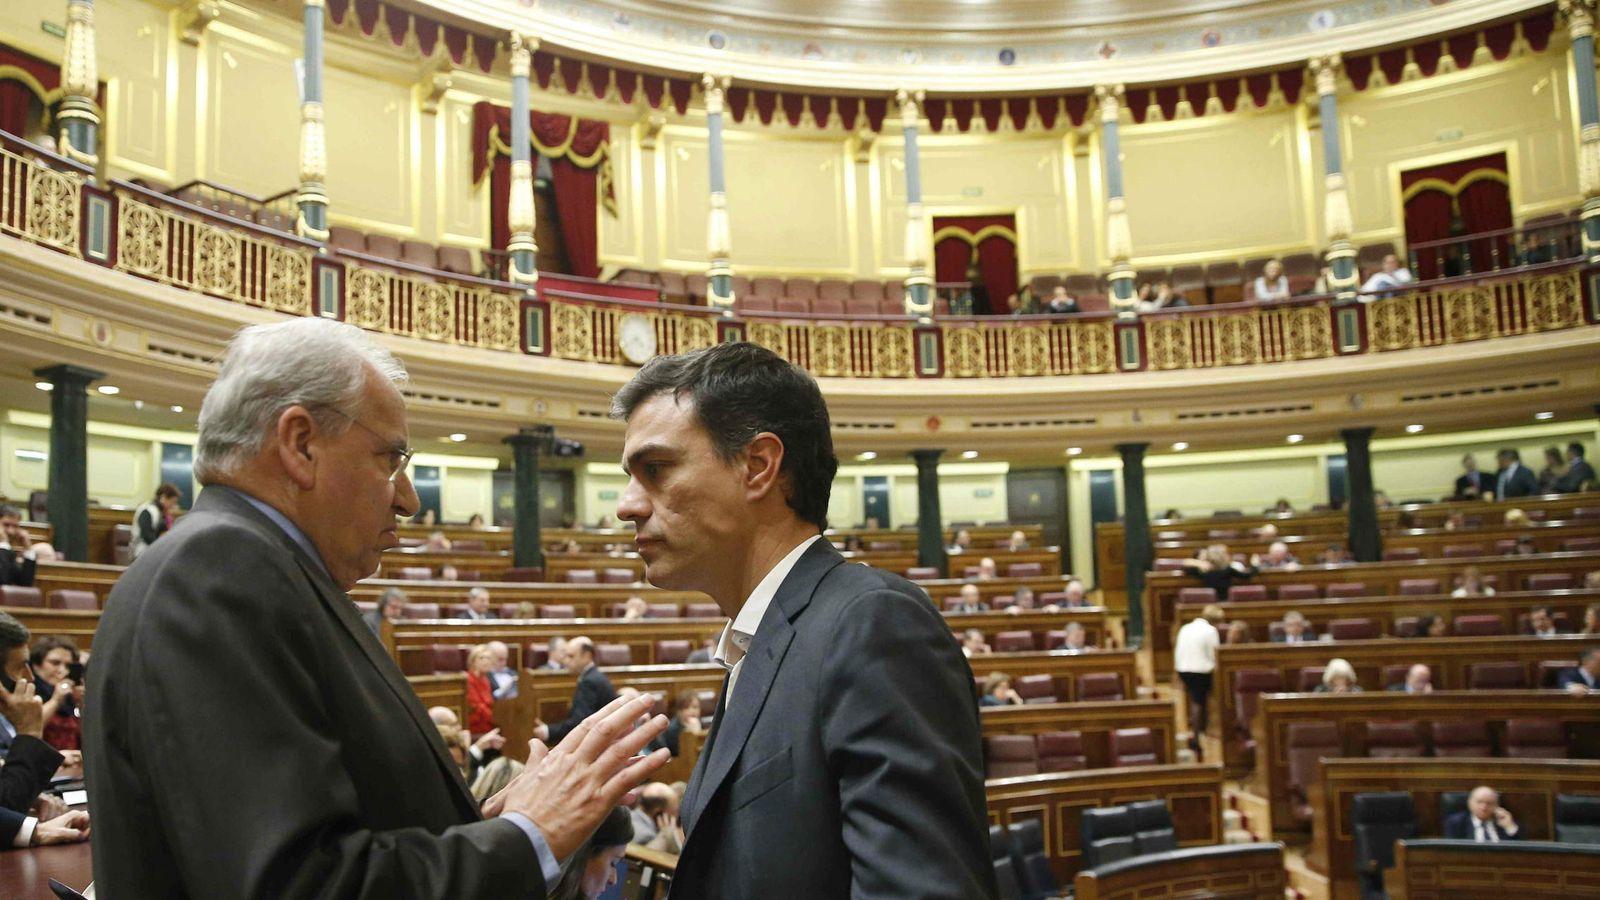 Foto: El diputado socialista Alfonso Guerra (i) conversa con el líder del PSOE, Pedro Sánchez. (EFE)